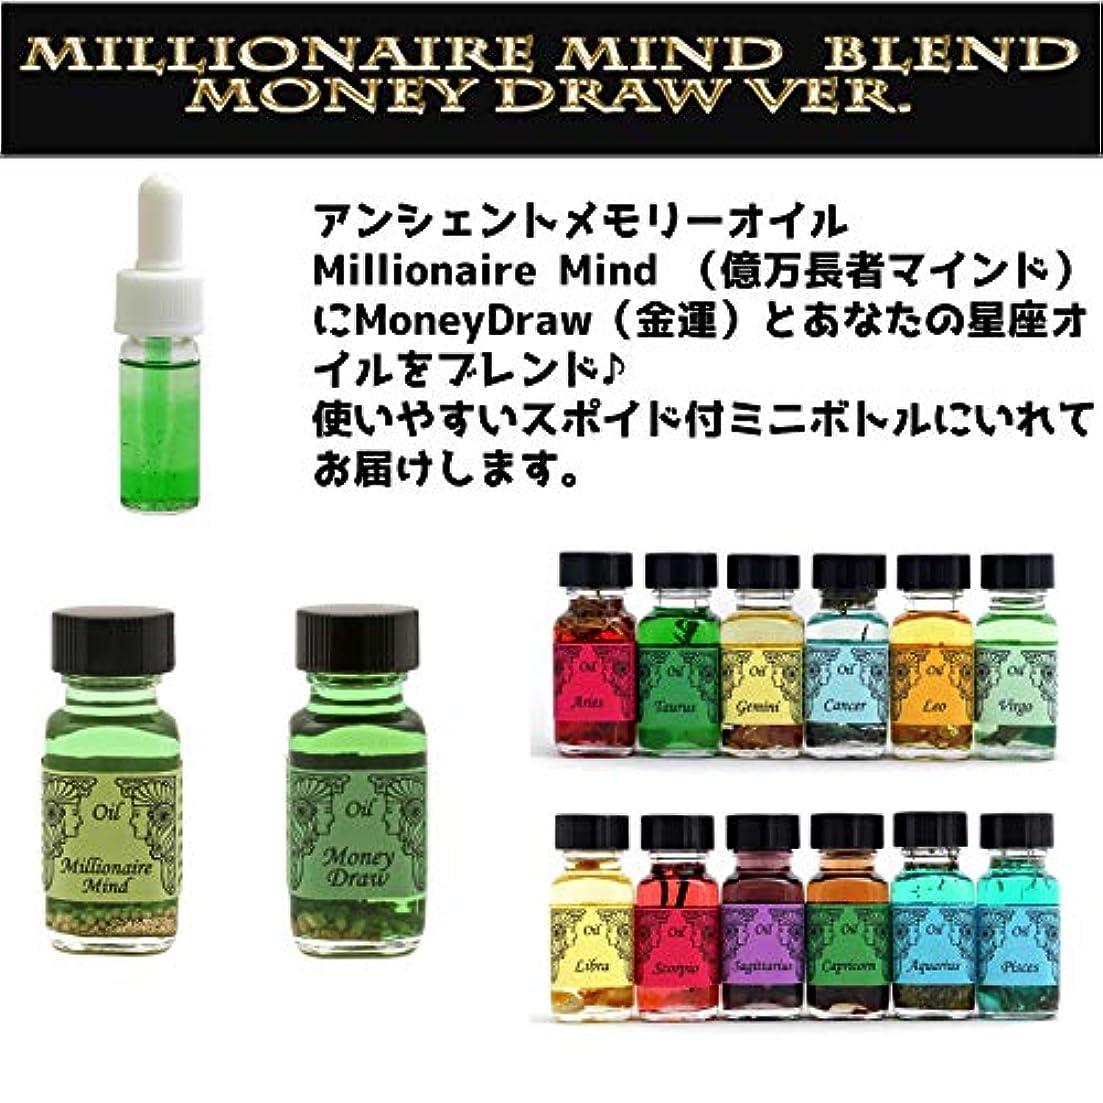 投げ捨てることわざ人形アンシェントメモリーオイル Millionaire Mind 億万長者マインド ブレンド(Money Drawマネードロー(金運)&おとめ座